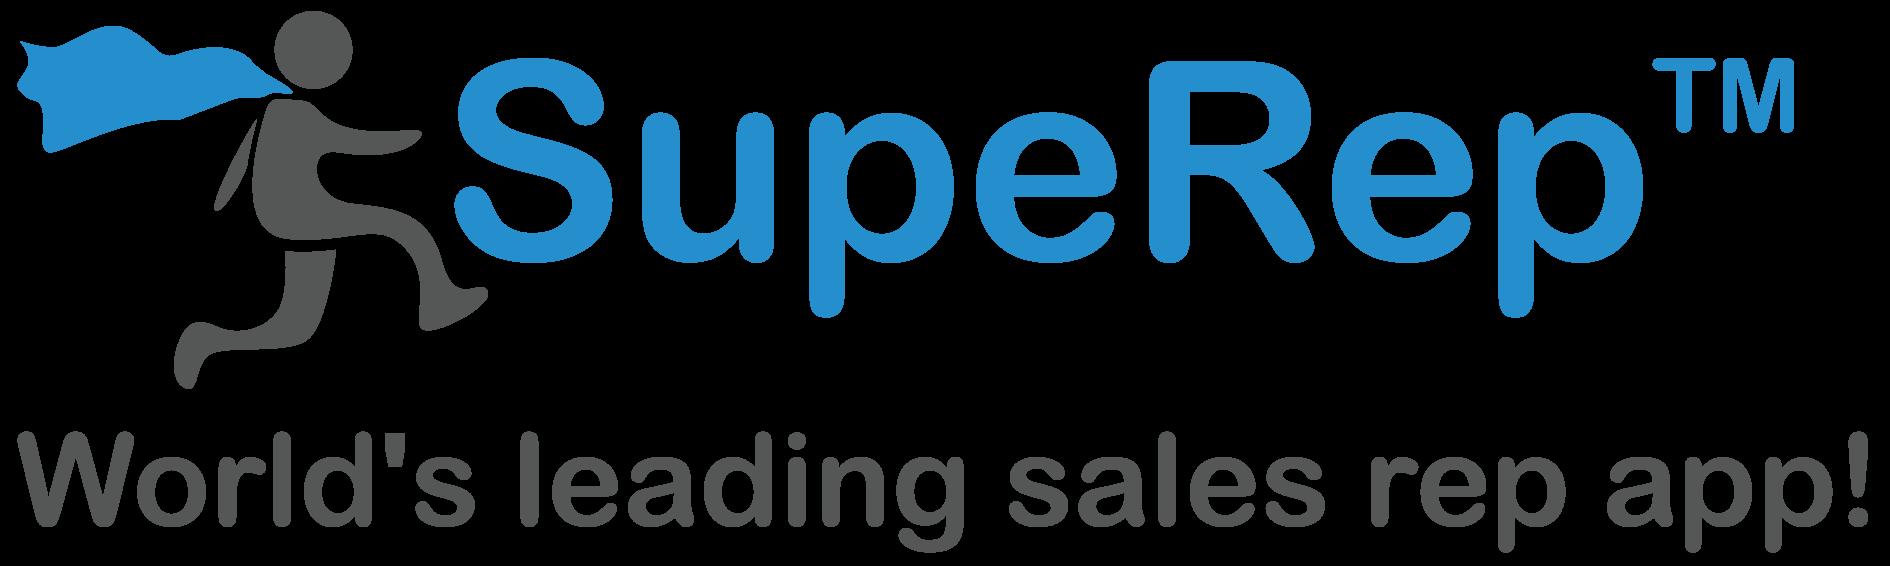 SupeRep-Logo-hi-res.png